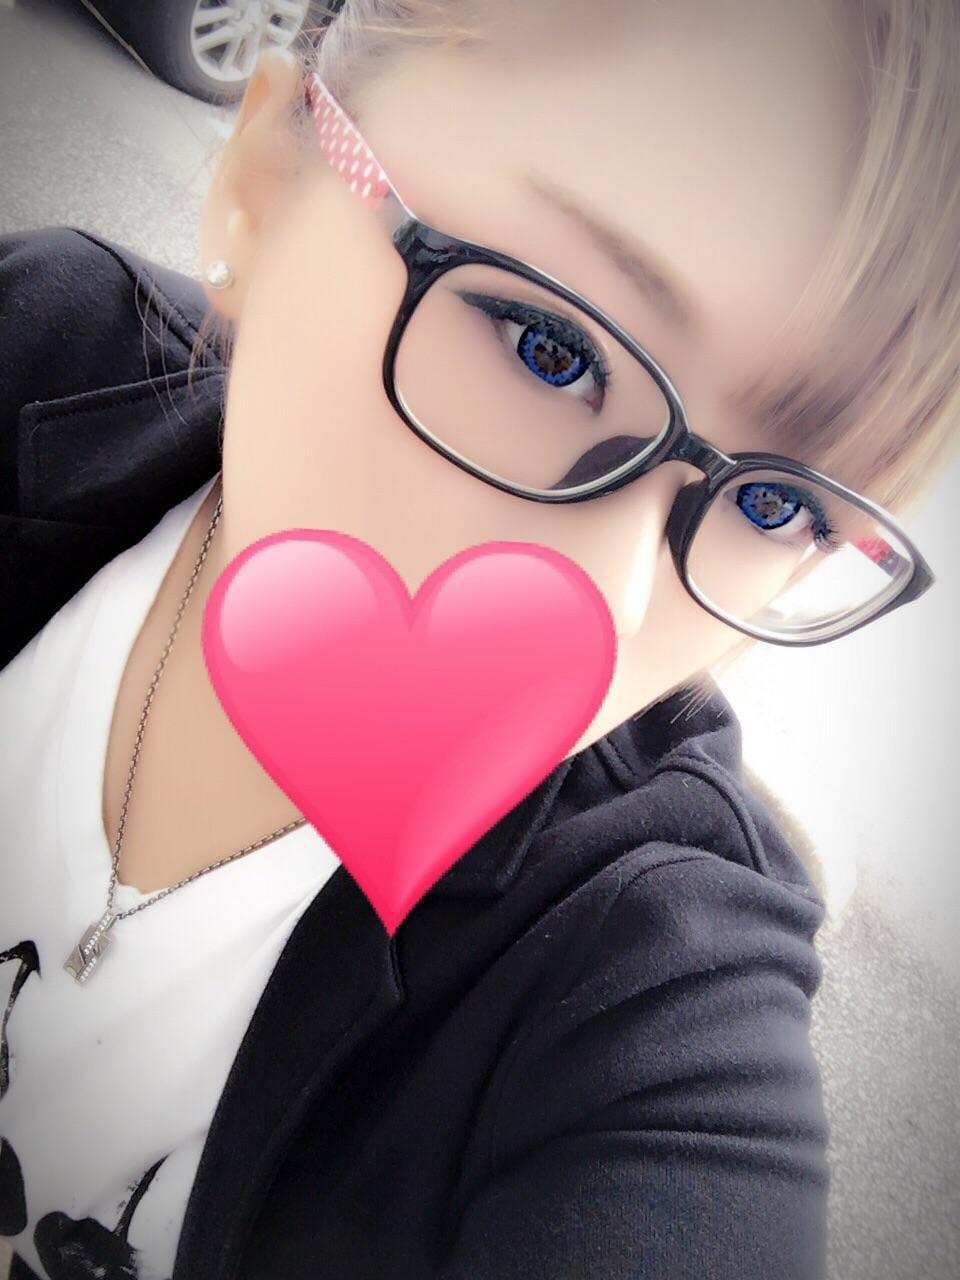 「お礼です!」08/15(水) 06:30 | ☆★あいら★☆の写メ・風俗動画